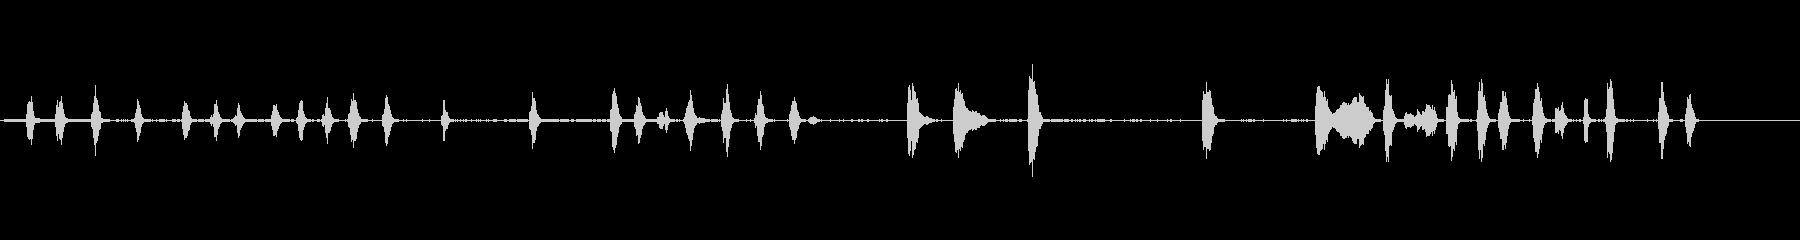 カワウソ、オリエンタル・スモール・...の未再生の波形